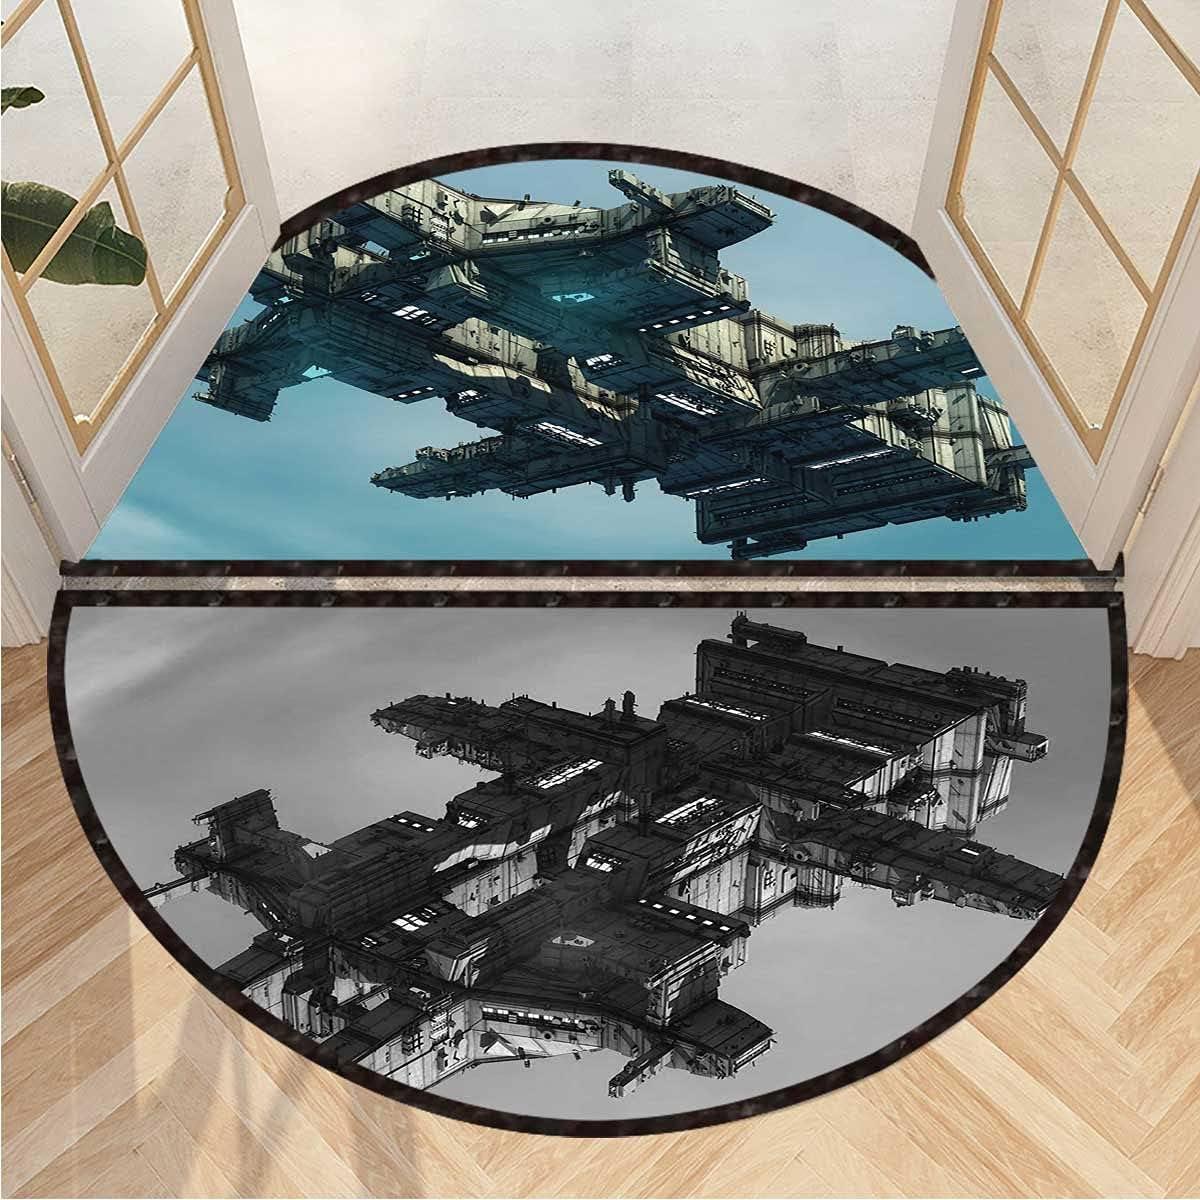 Semicircular Floor Mat Sci Fi Alien UFO Half online shop Outdoor Indoor Ship Fashionable